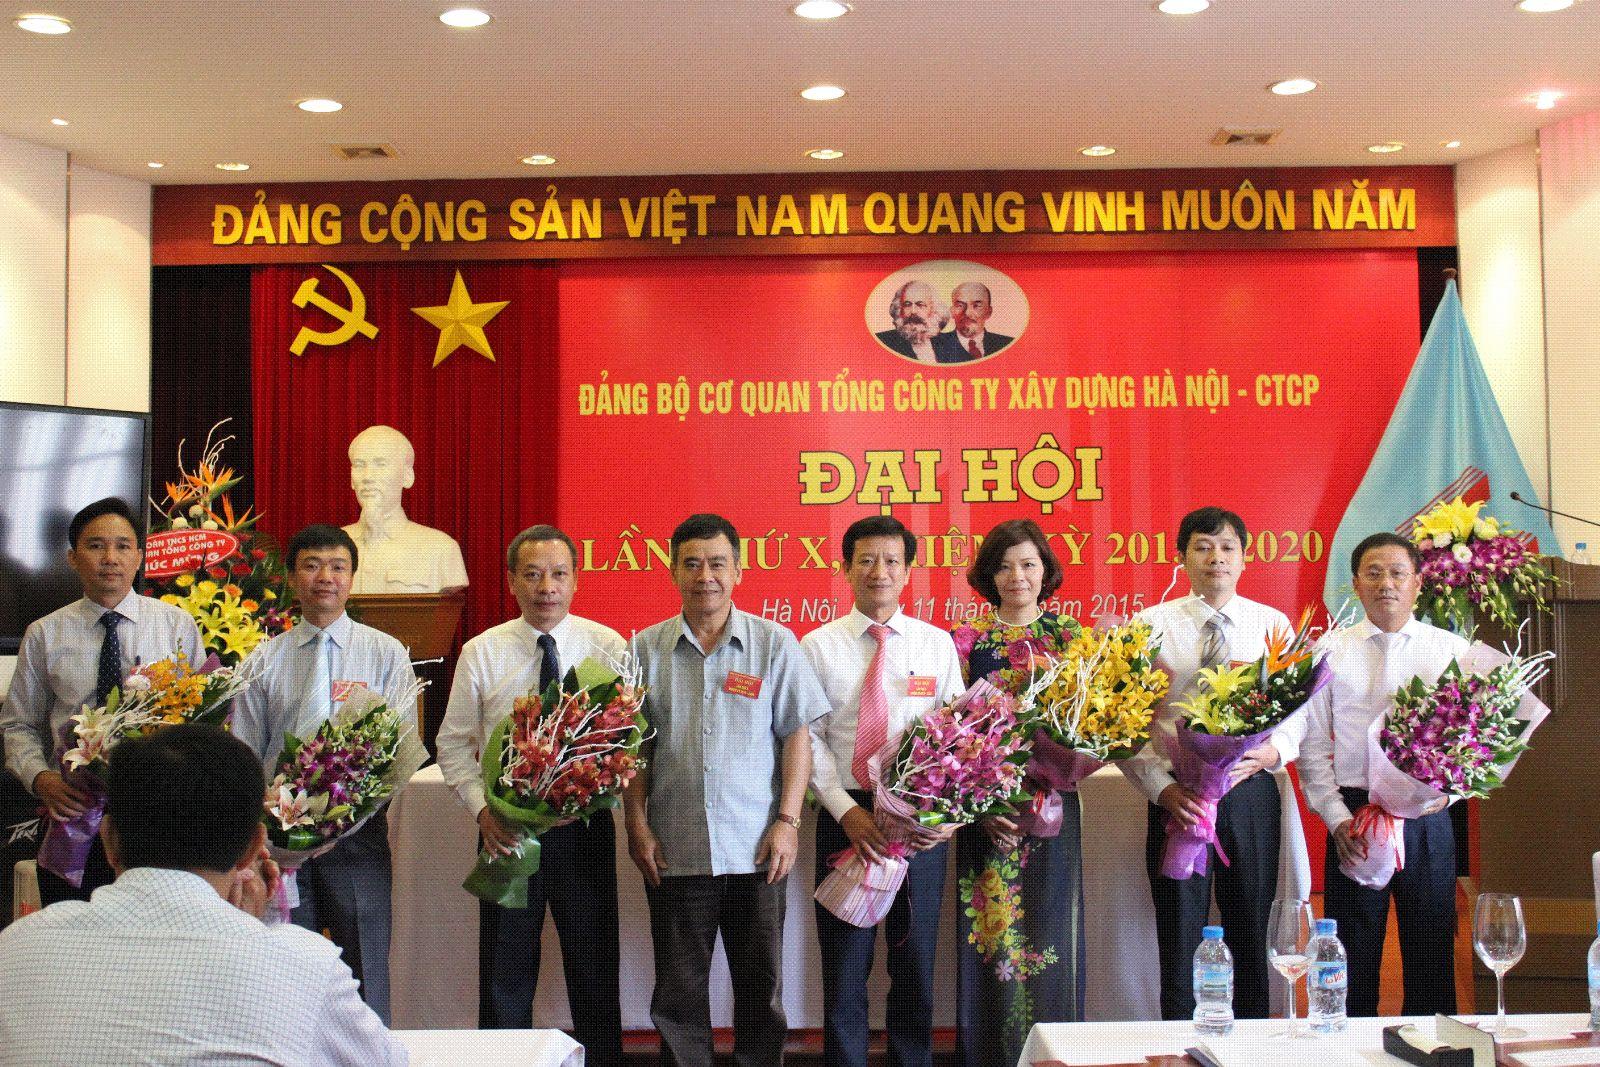 Đ/c Nghiêm Sĩ Minh – Bí thư Đảng ủy, Thành viên HĐQT TCT tặng hoa chúc mừng BCH đảng ủy Cơ quan Tổng công ty khóa X